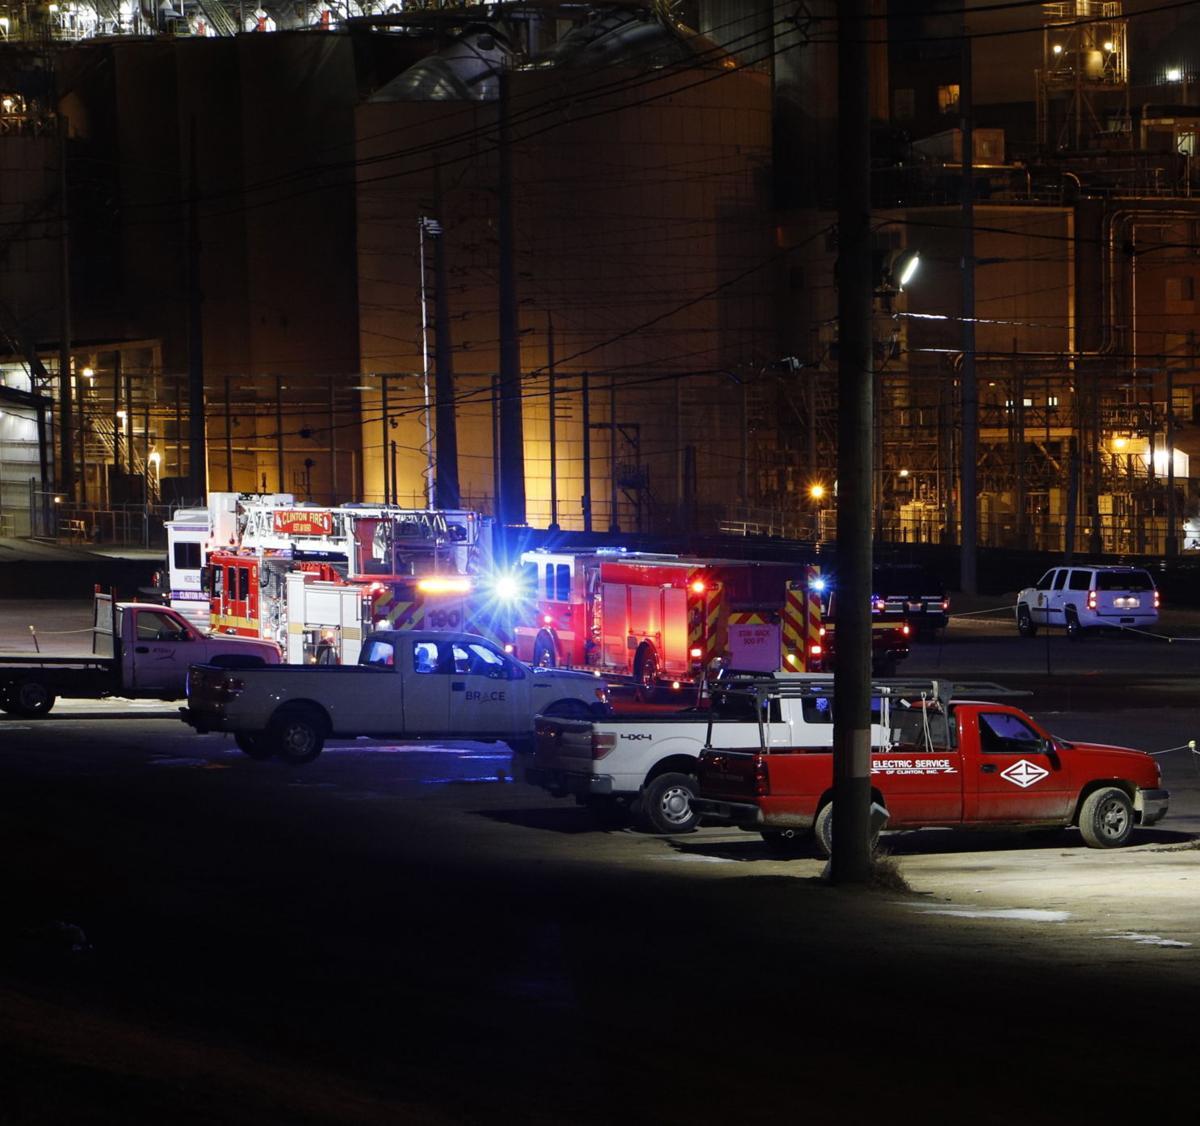 Fire trucks at ADM